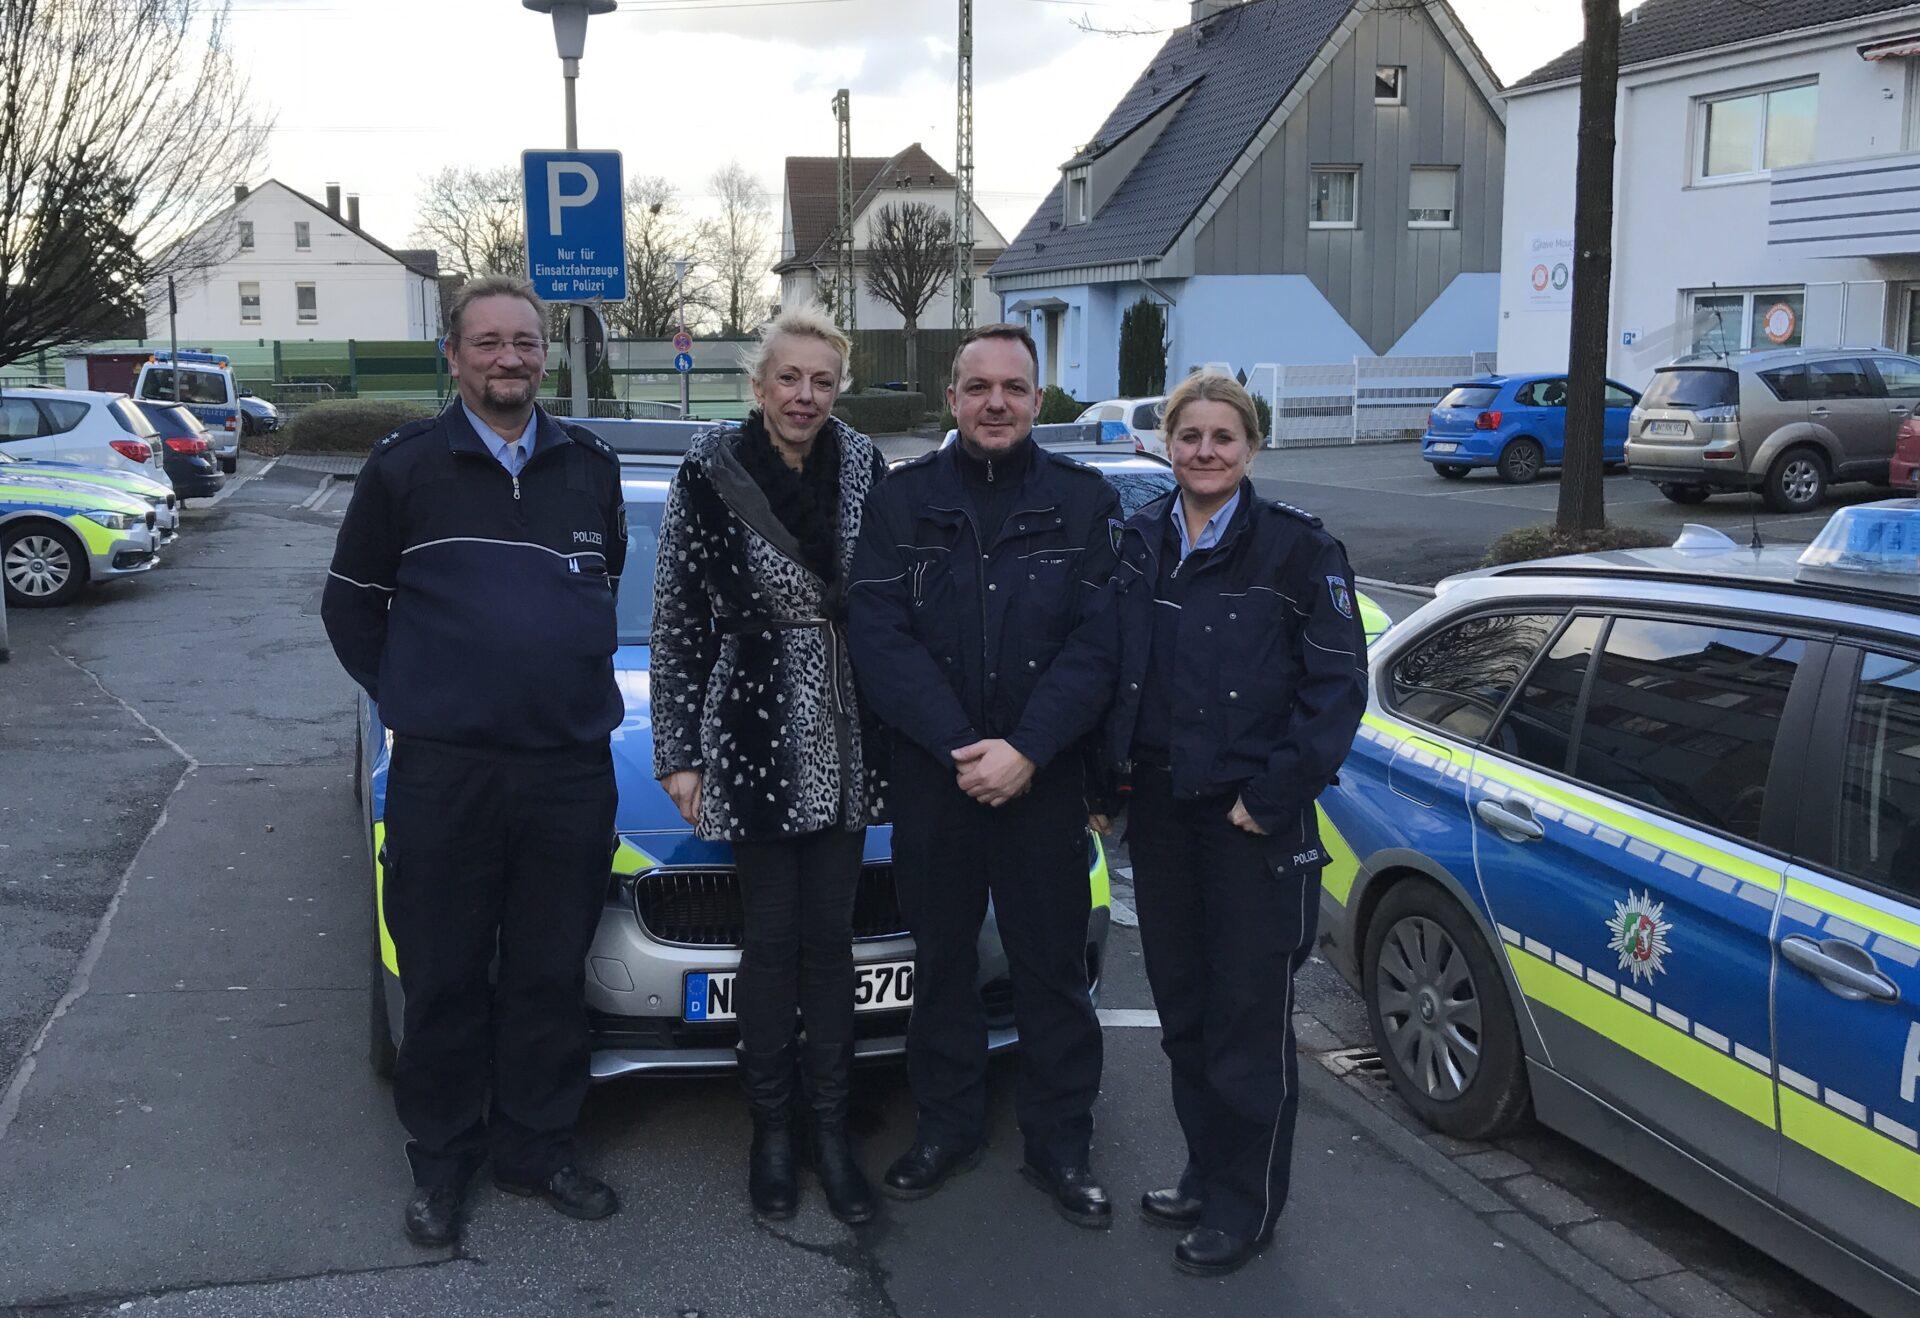 Susanne Schneider begleitete Frühschicht der Polizei in Unna